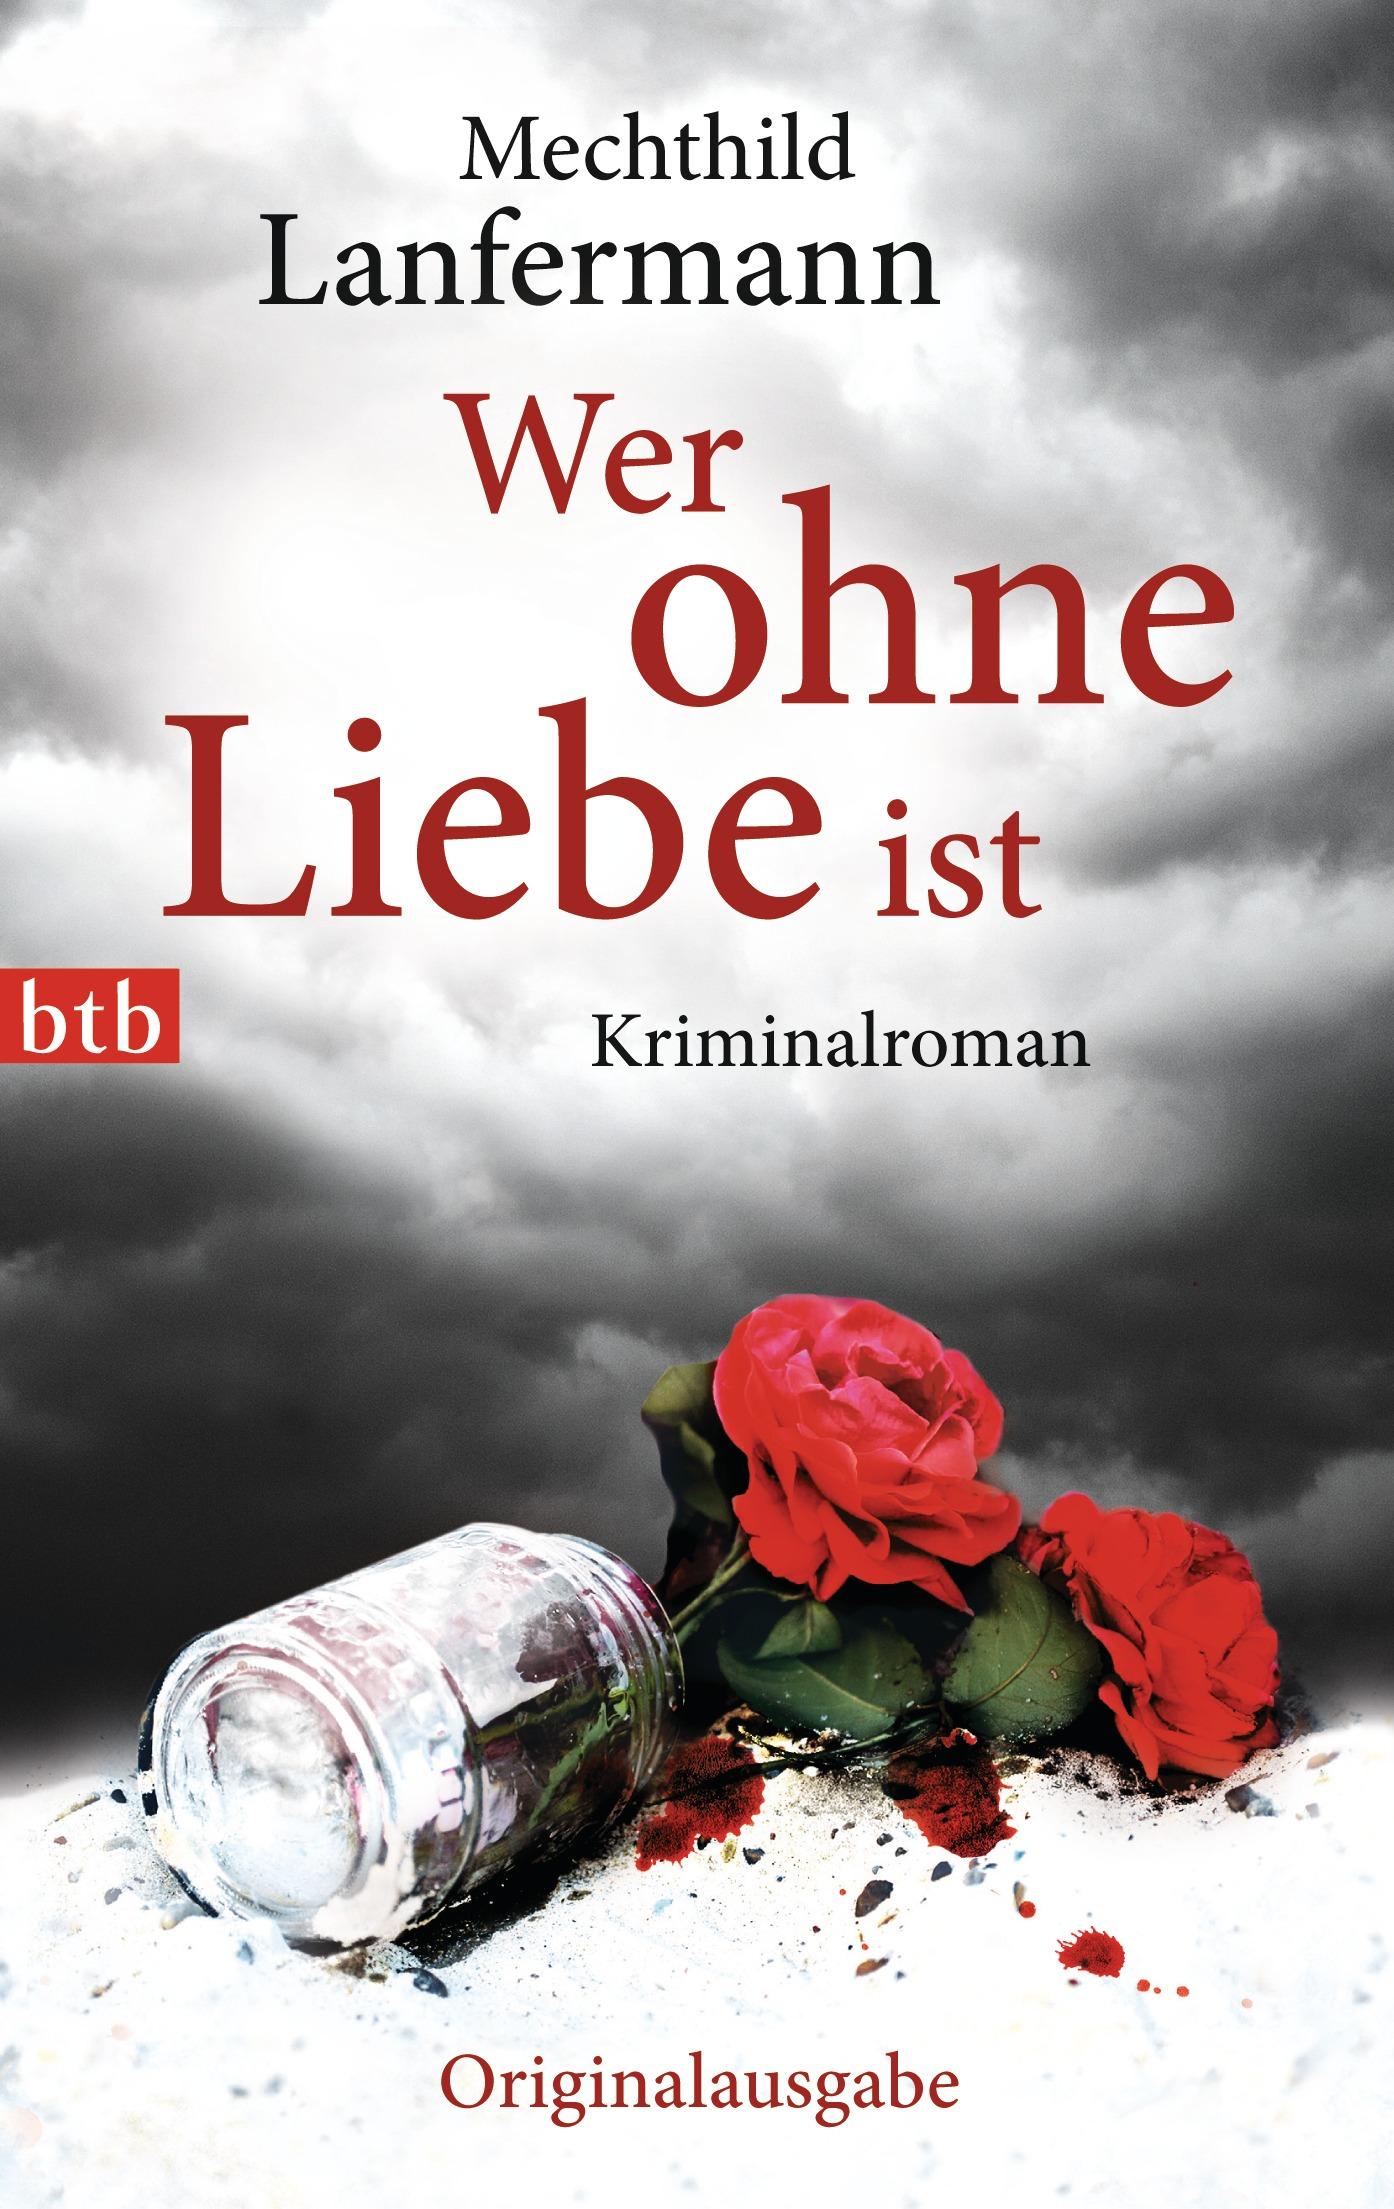 Wer ohne Liebe ist - Mechthild Lanfermann